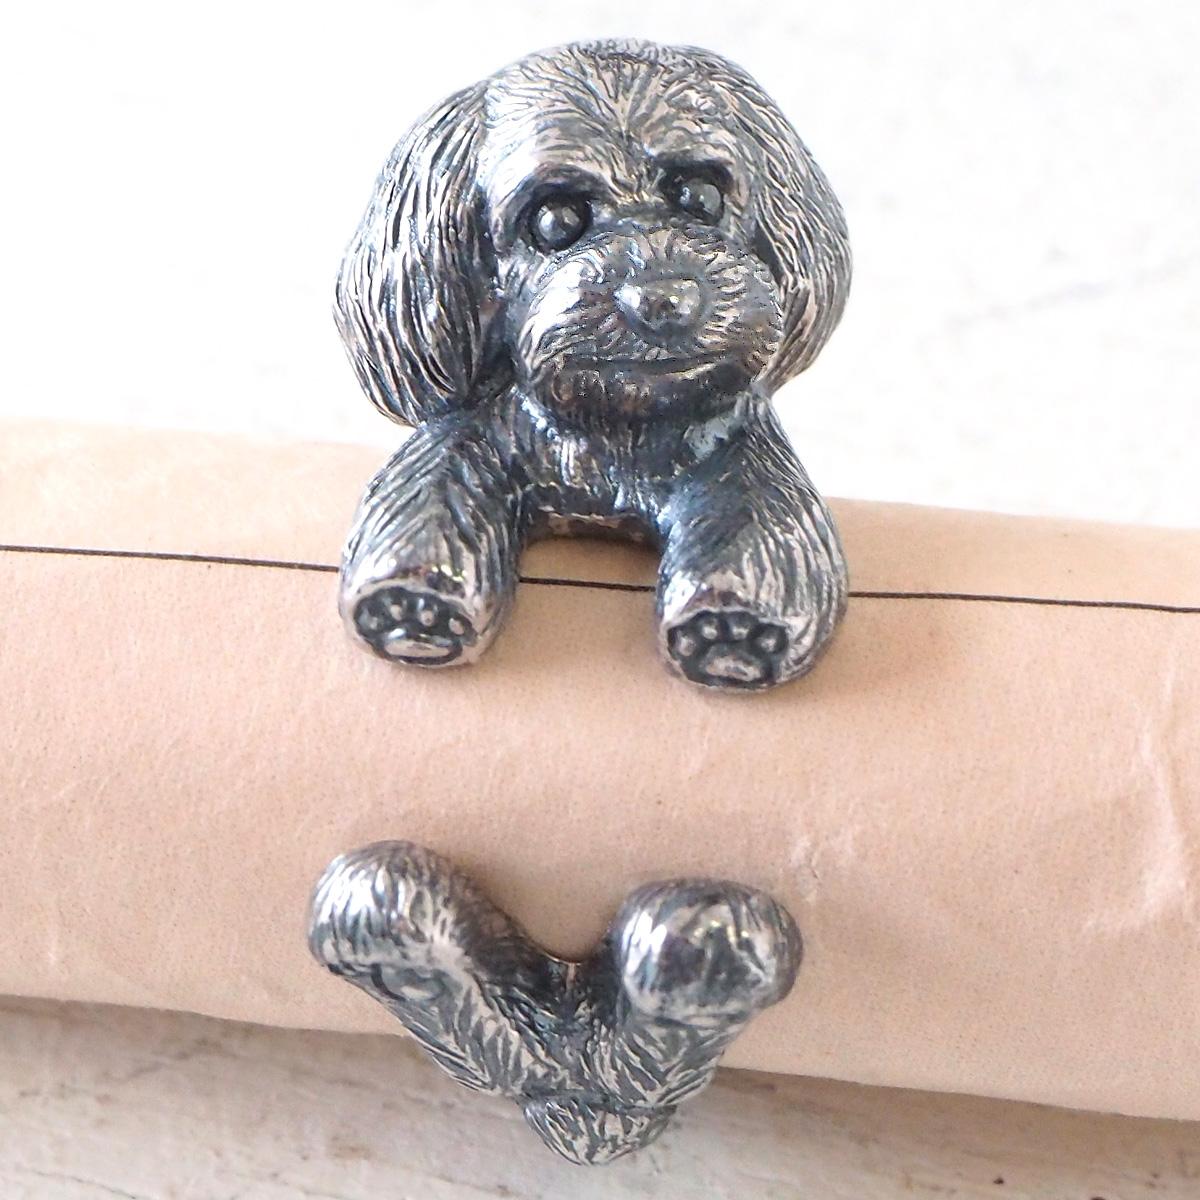 銀工房AramaRoots(アラマルーツ)犬リング トイプードル テディベアカット シルバー [AR71] アクセサリー作家・加藤心姿さんの手作りアクセサリー ハンドメイドジュエリー 指輪 犬 dog イヌ かわいい リング 動物 アニマル シルバー925 silver925 日本製 国産